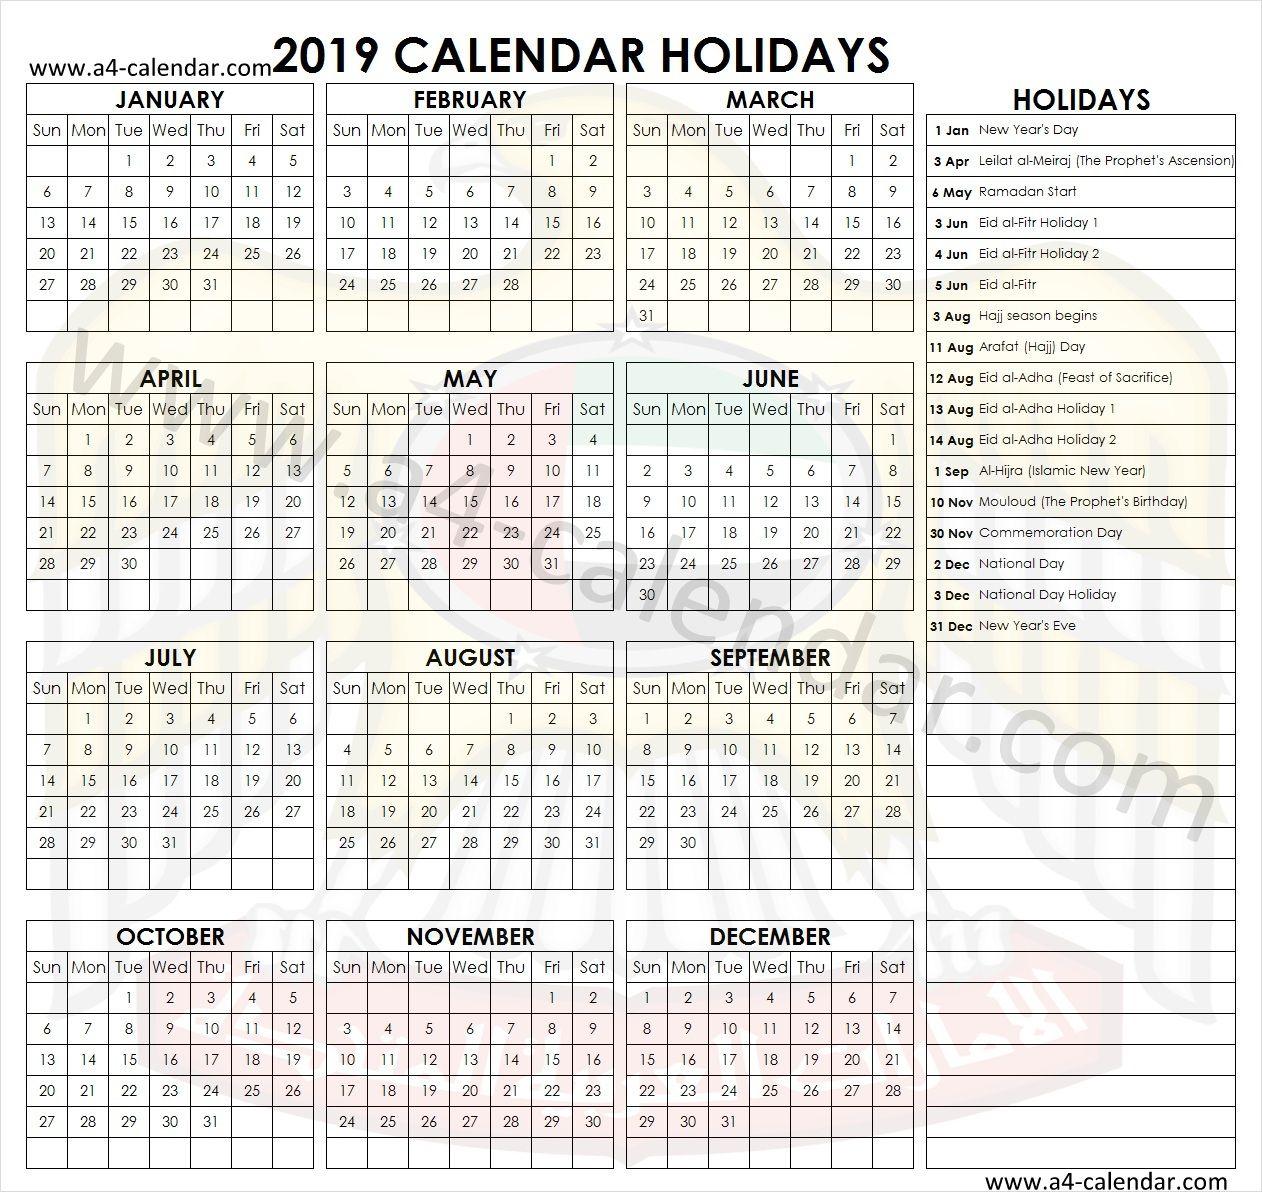 United Arab Emirates Holidays 2019 Holiday Calendar Holiday Calendar Printable Holiday Templates